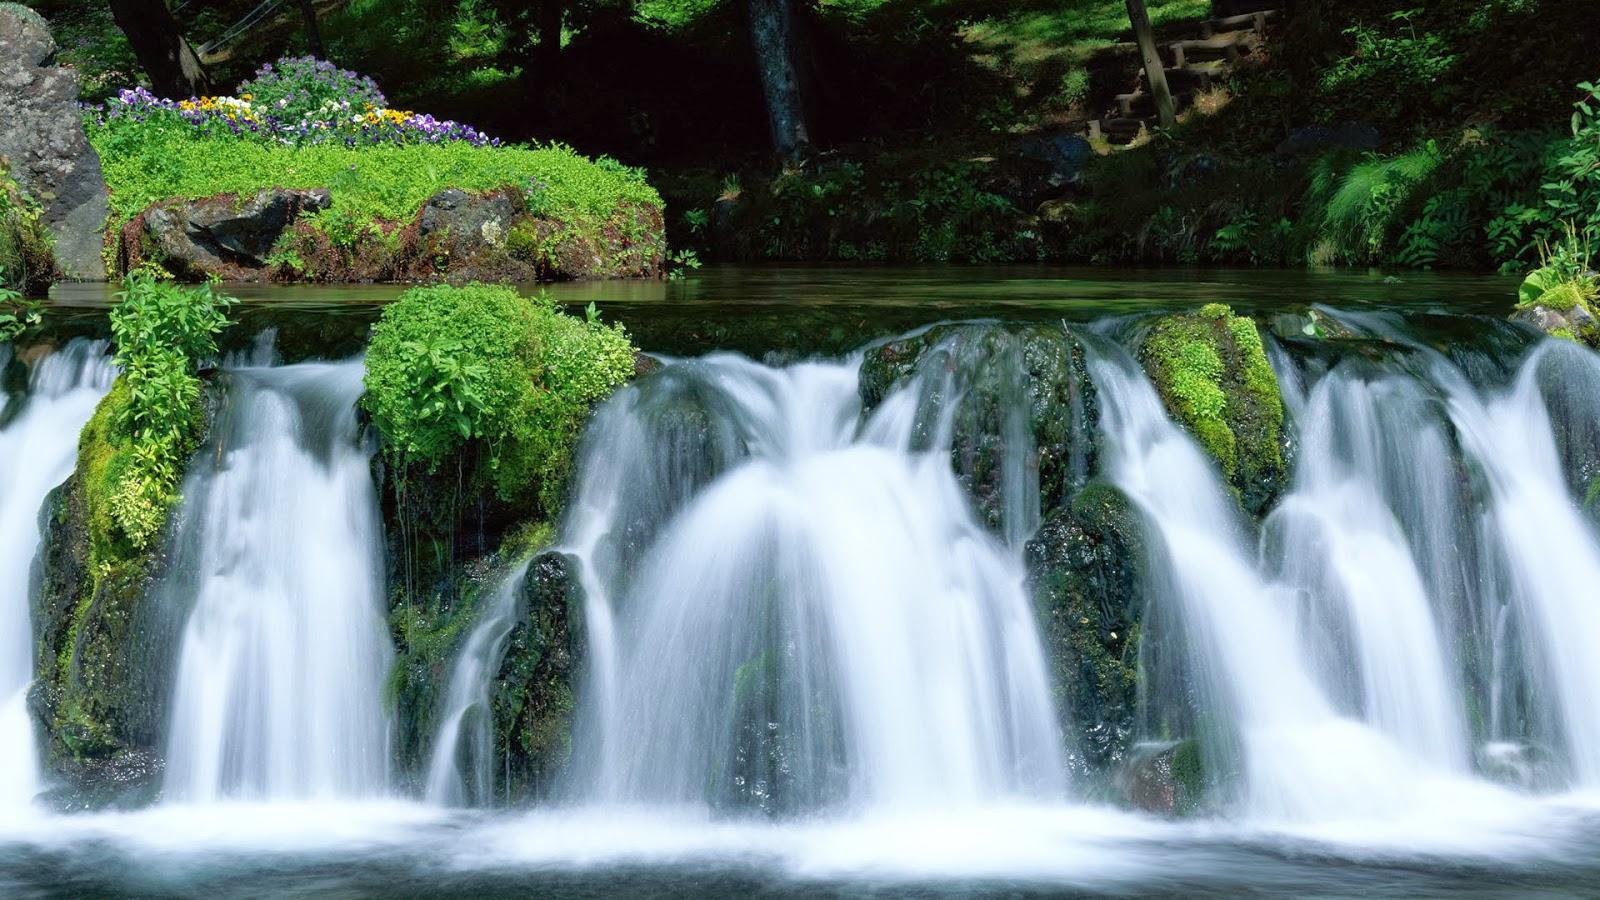 Wallpaper met watervallen en viooltjes